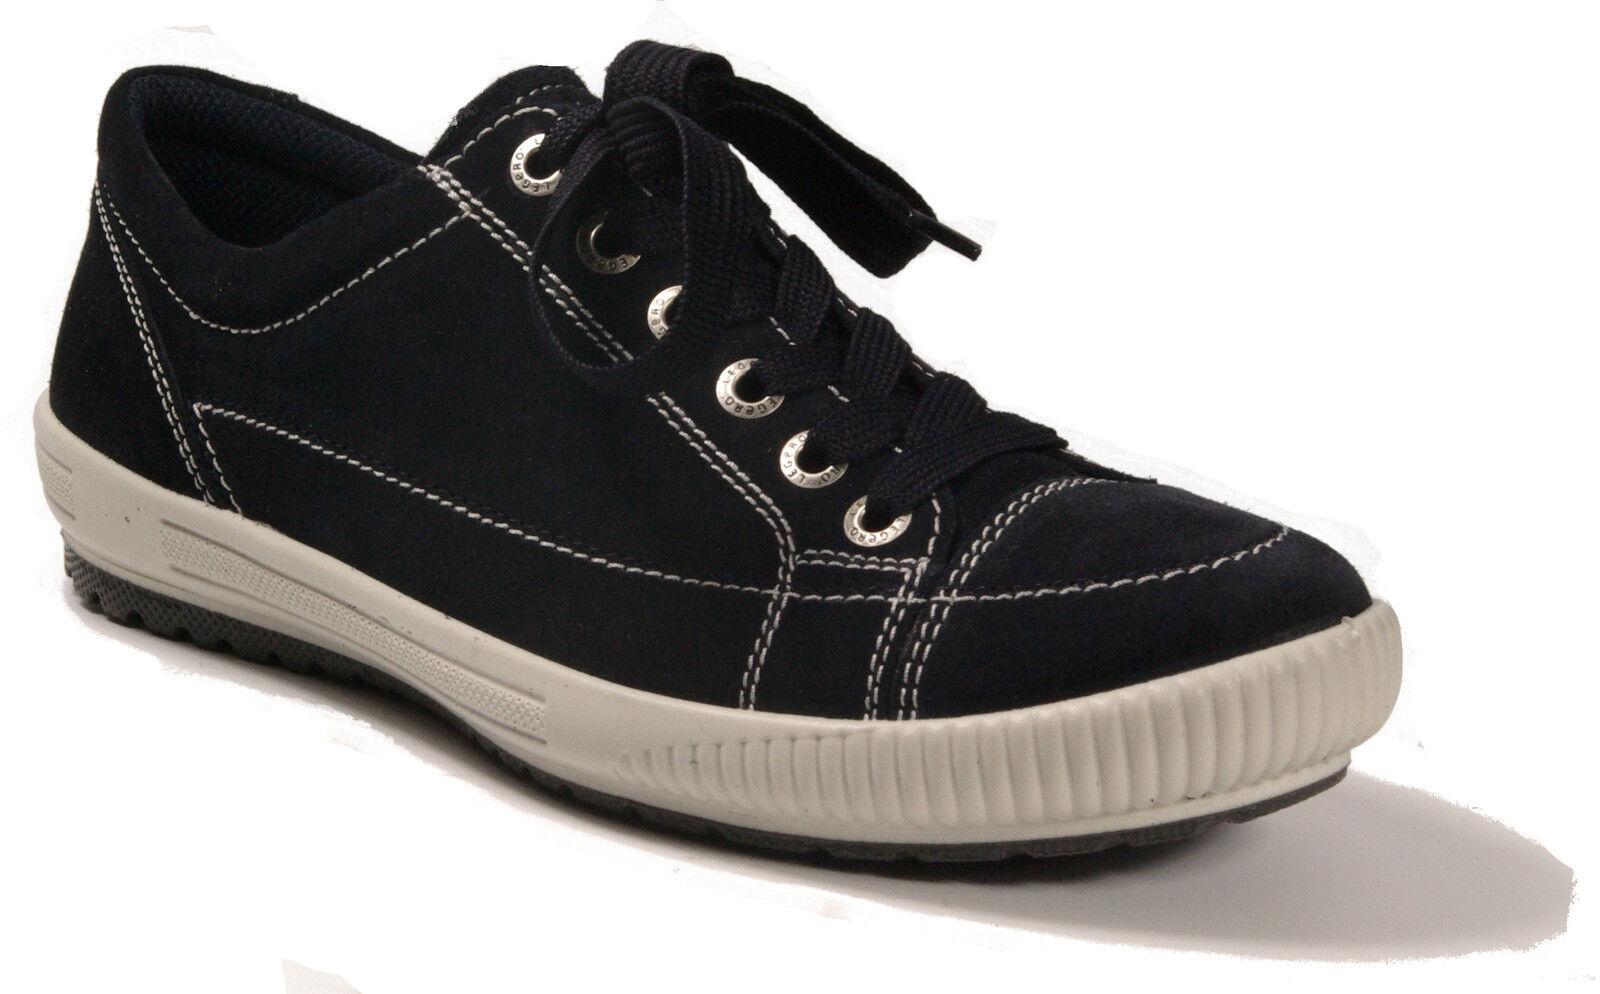 Legero Scarpe Blu scarpe da ginnastica Scarpe Basse normalissime Cambio in Pelle Plantare Nuovo